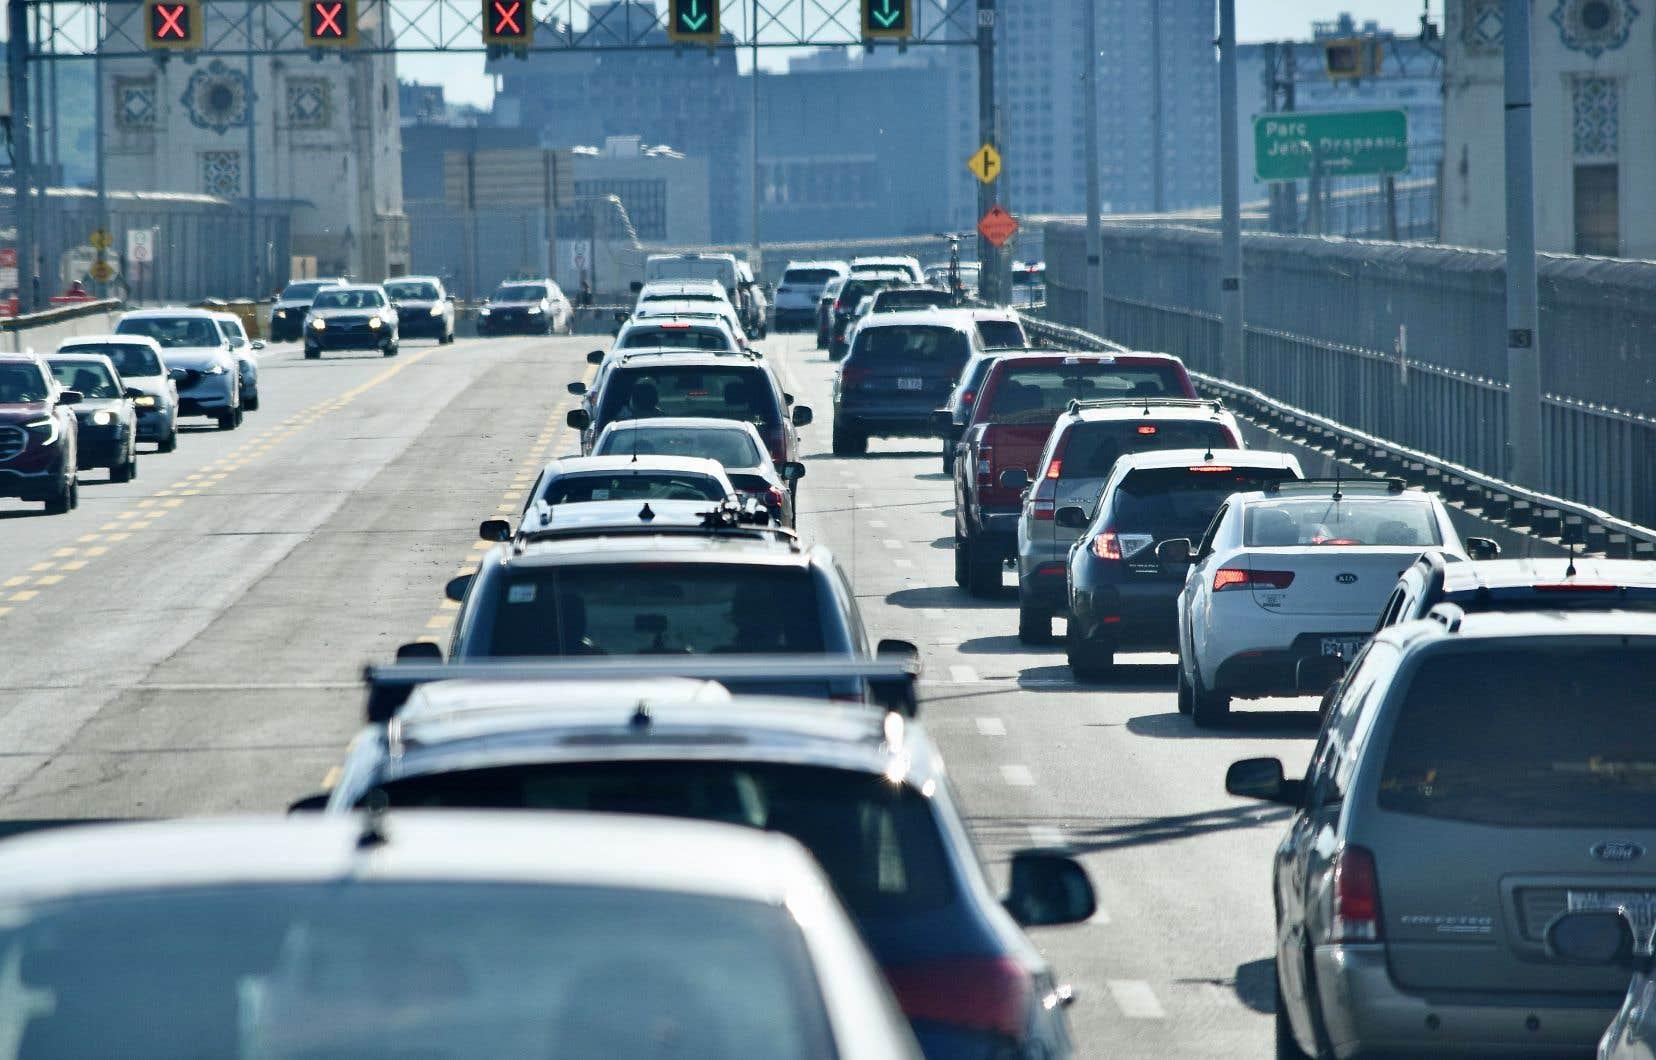 «Plusieurs études démontrent que les véhicules légers et lourds électriques émettent moins de GES durant leur cycle de vie complet que les véhicules à essence», écrit l'auteur.